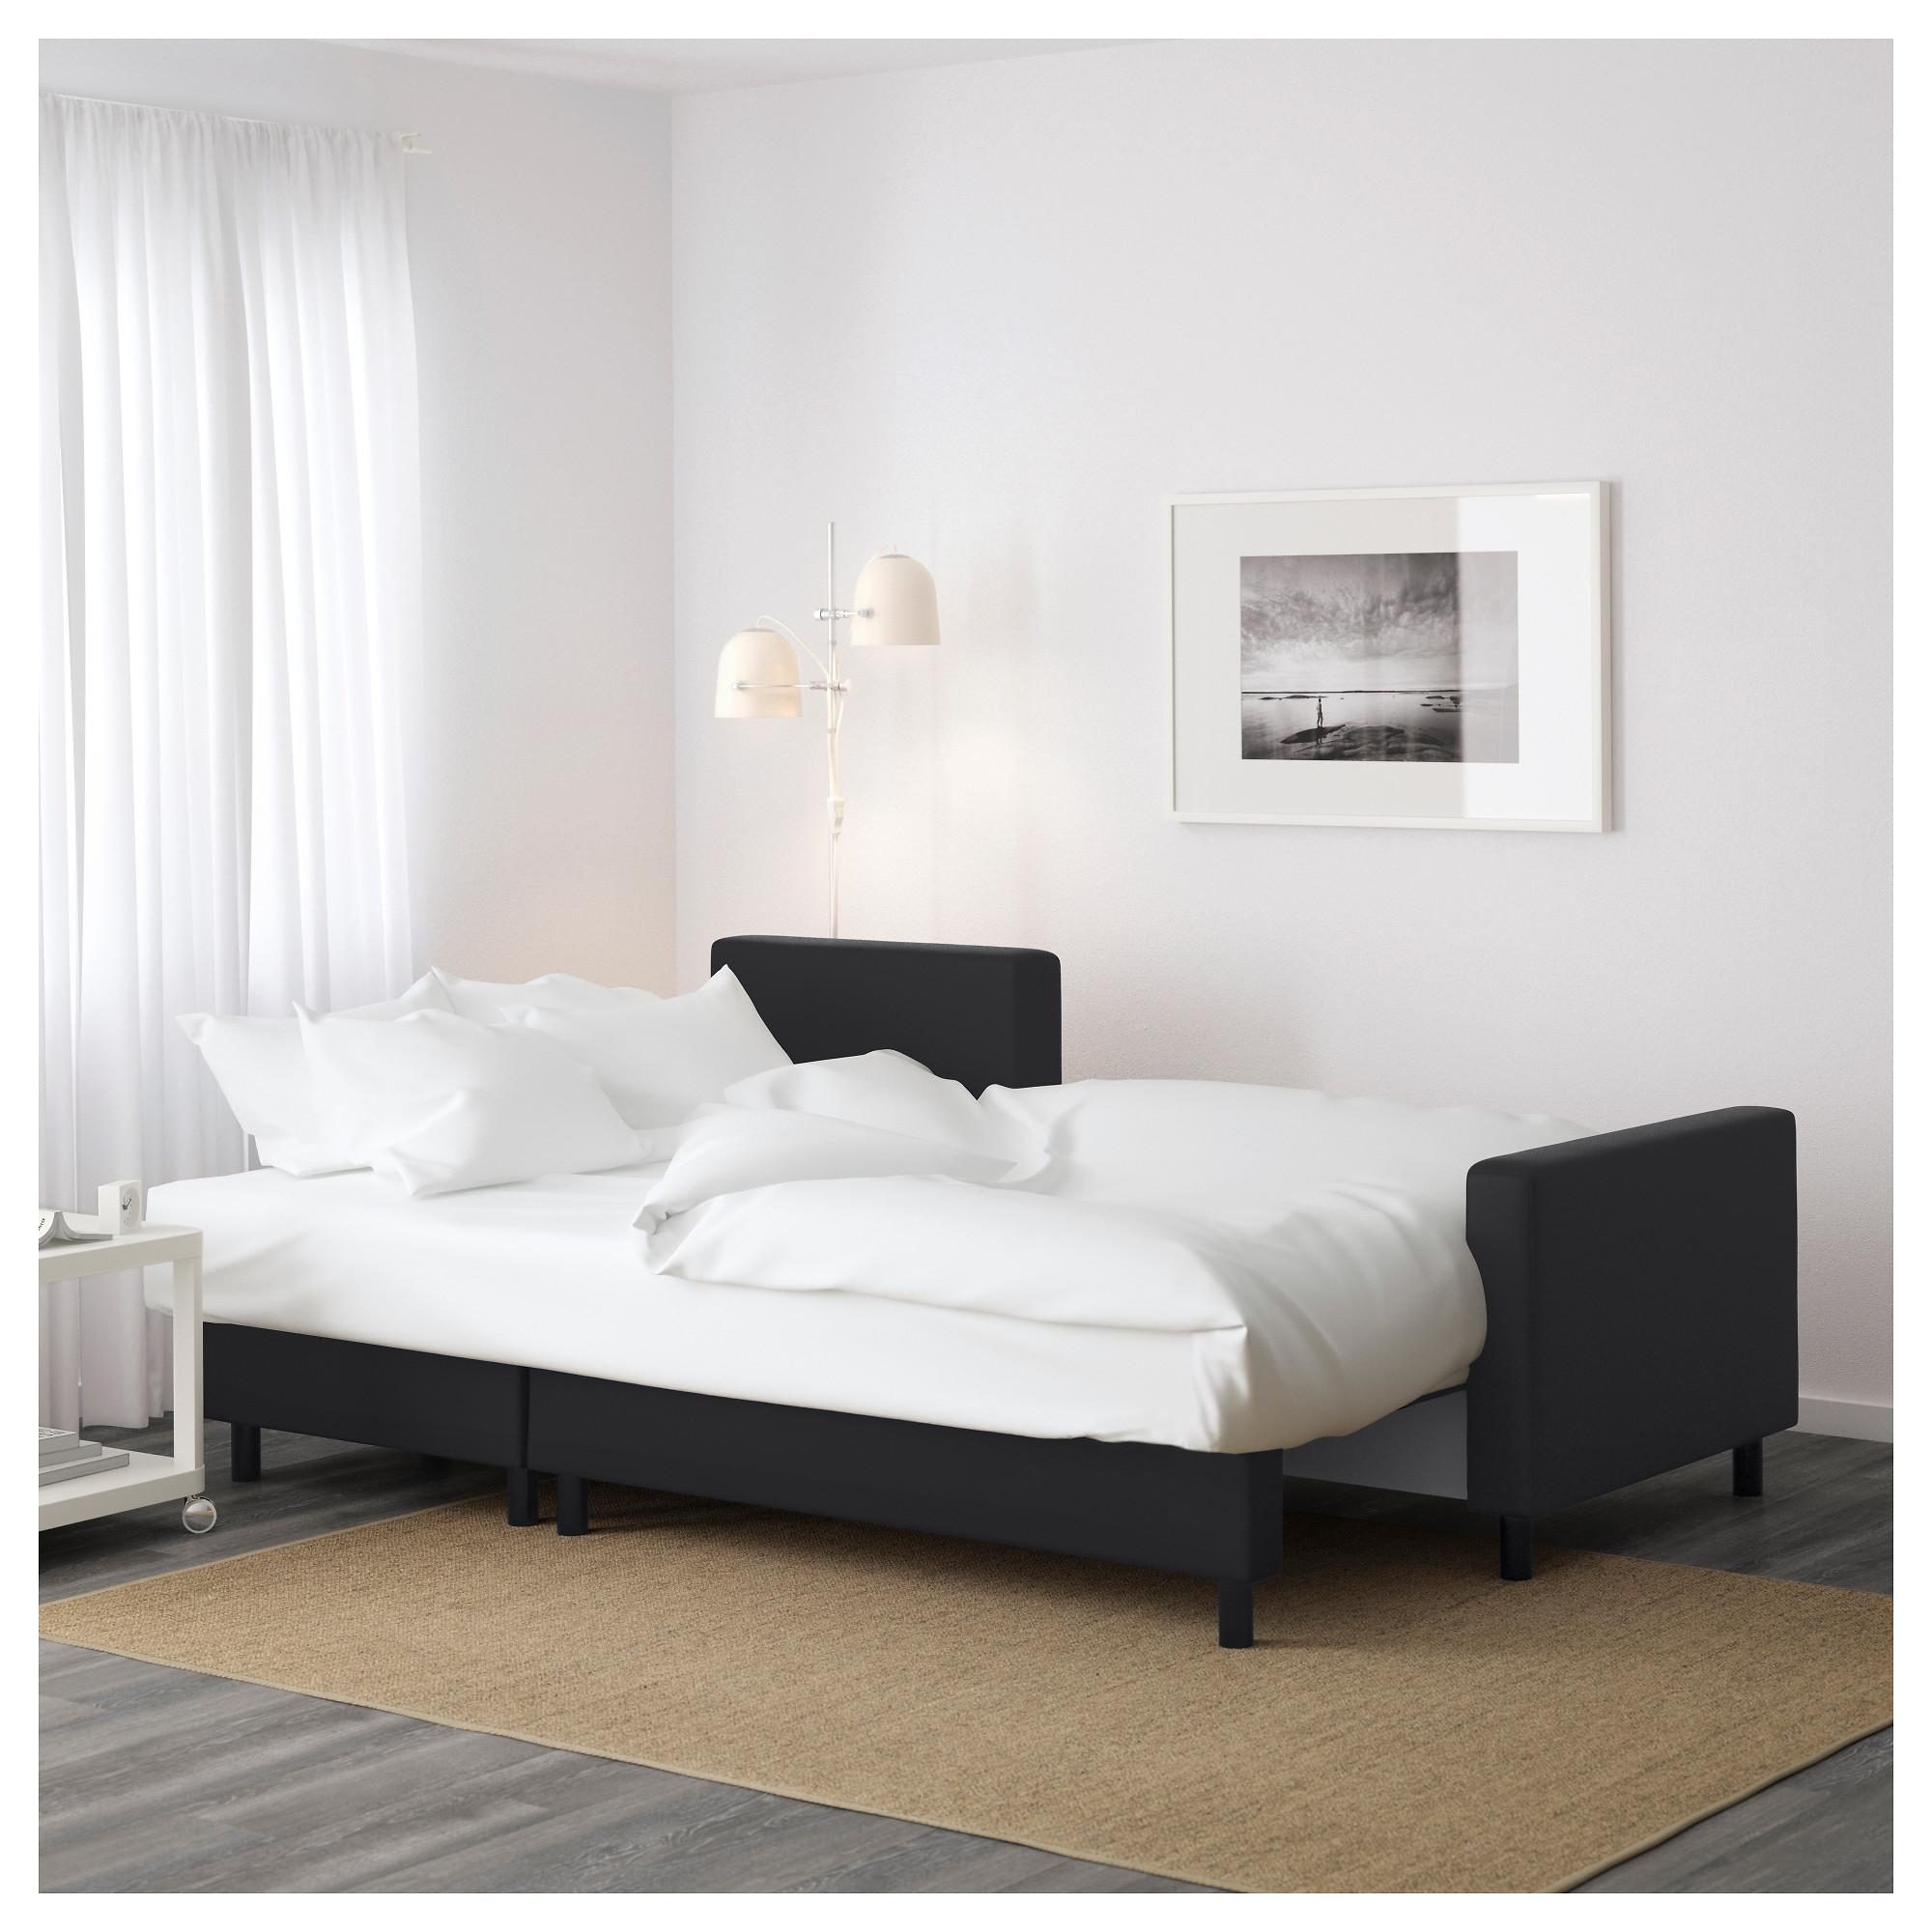 Диван-кровать с козеткой ЛУГНВИК черный артикуль № 502.084.94 в наличии.  Интернет 18a904941e5